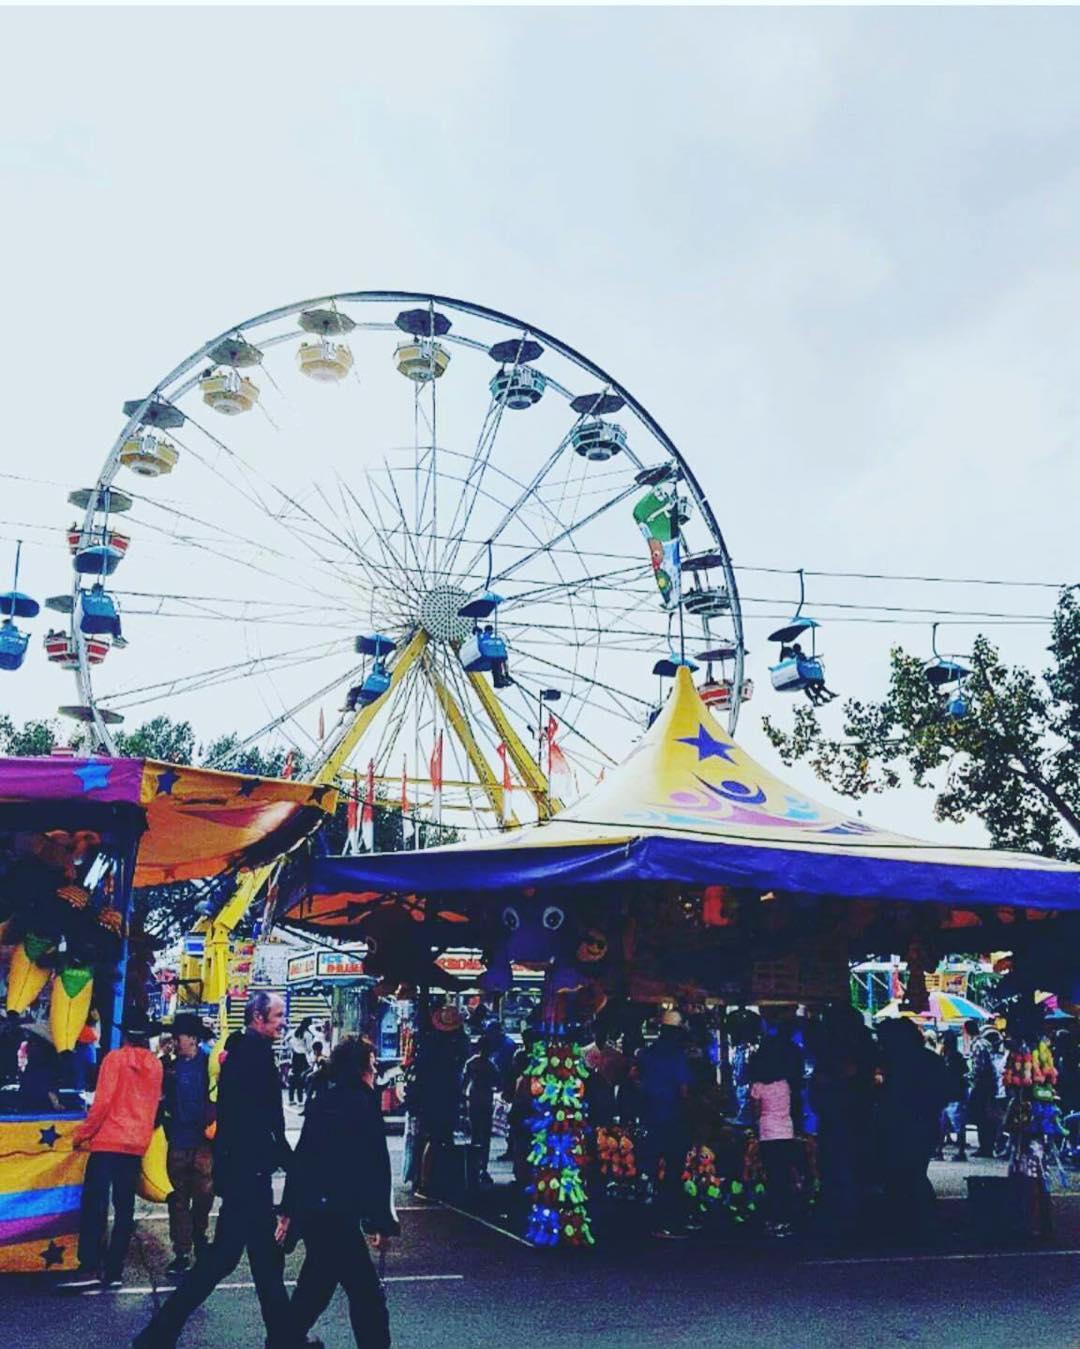 Carnival fun at the calgarystampede